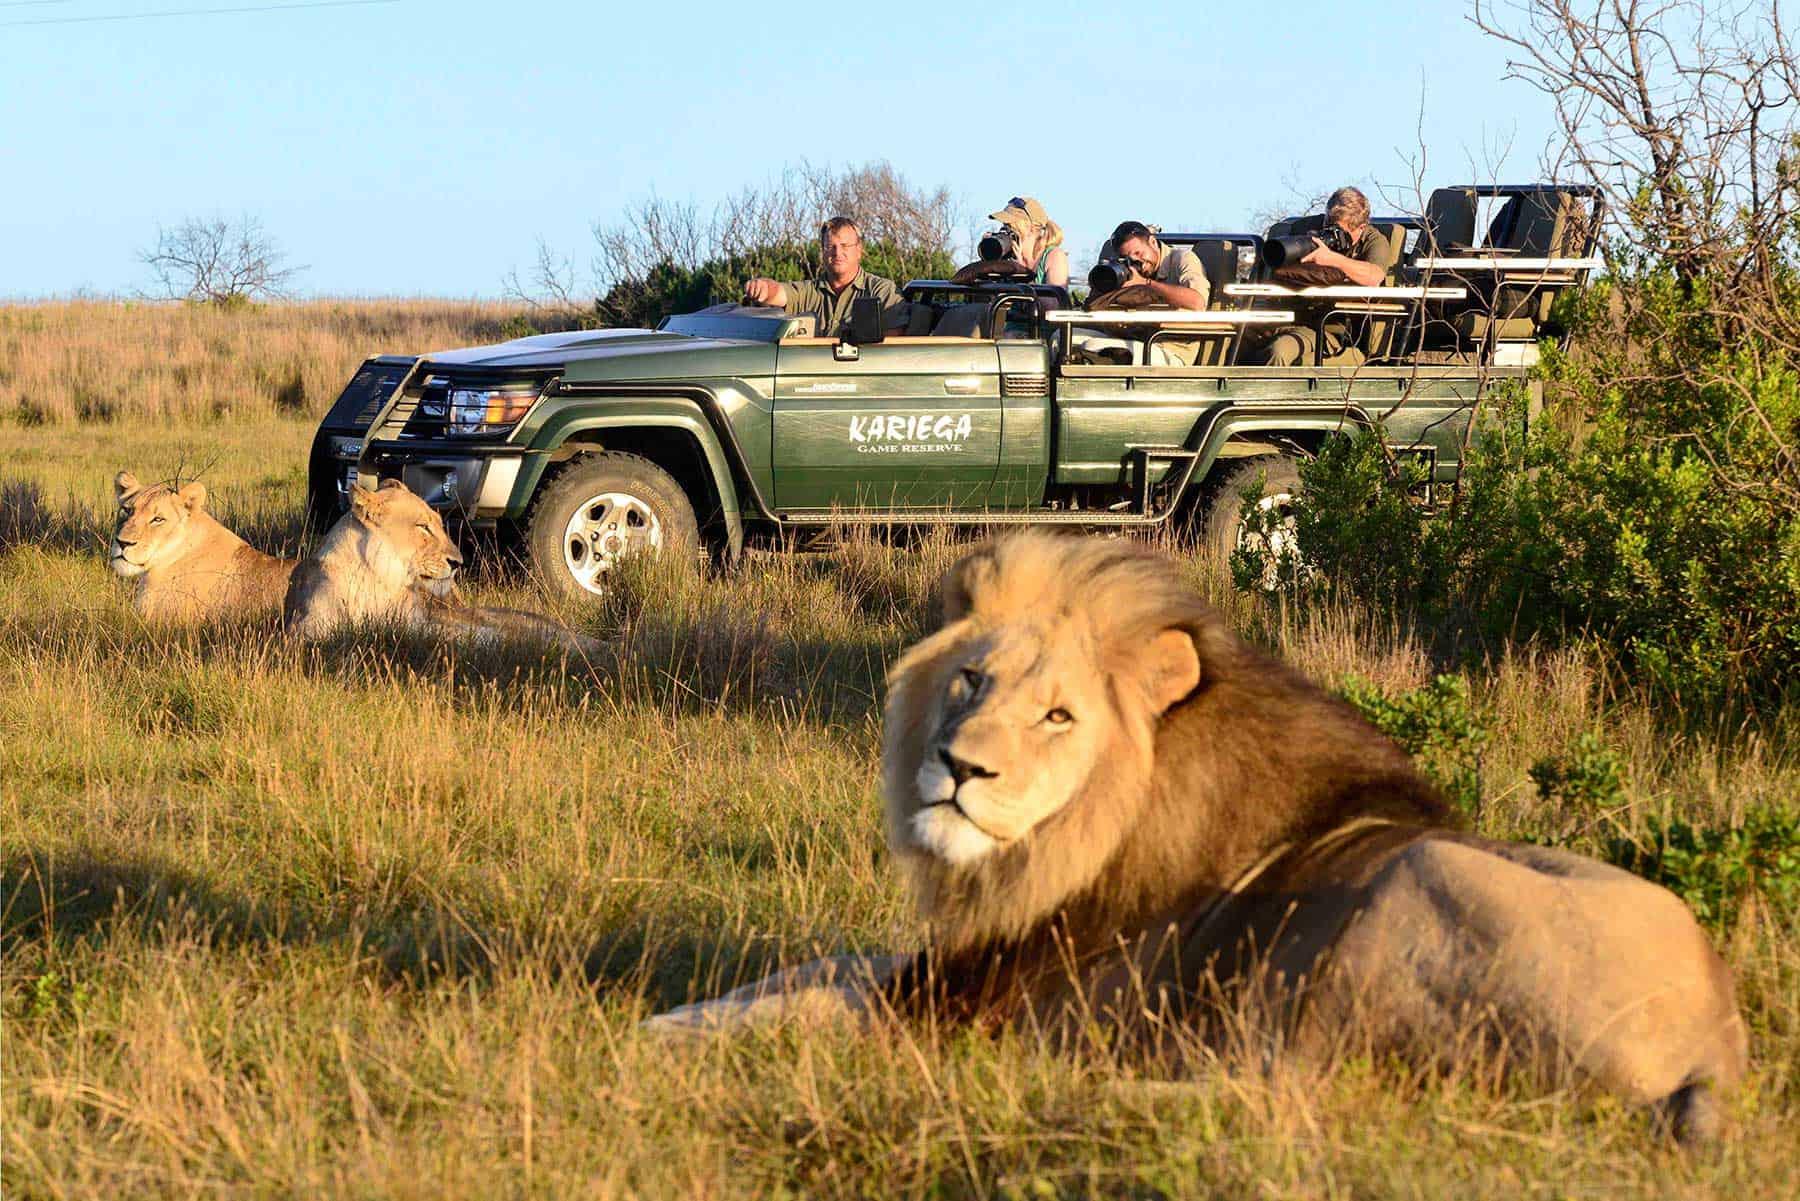 Safariresor-till-Kariega-Games-i-Sydafrika-med-boende-på-Settler-med-Nygren-&-Lind-Resebyrå